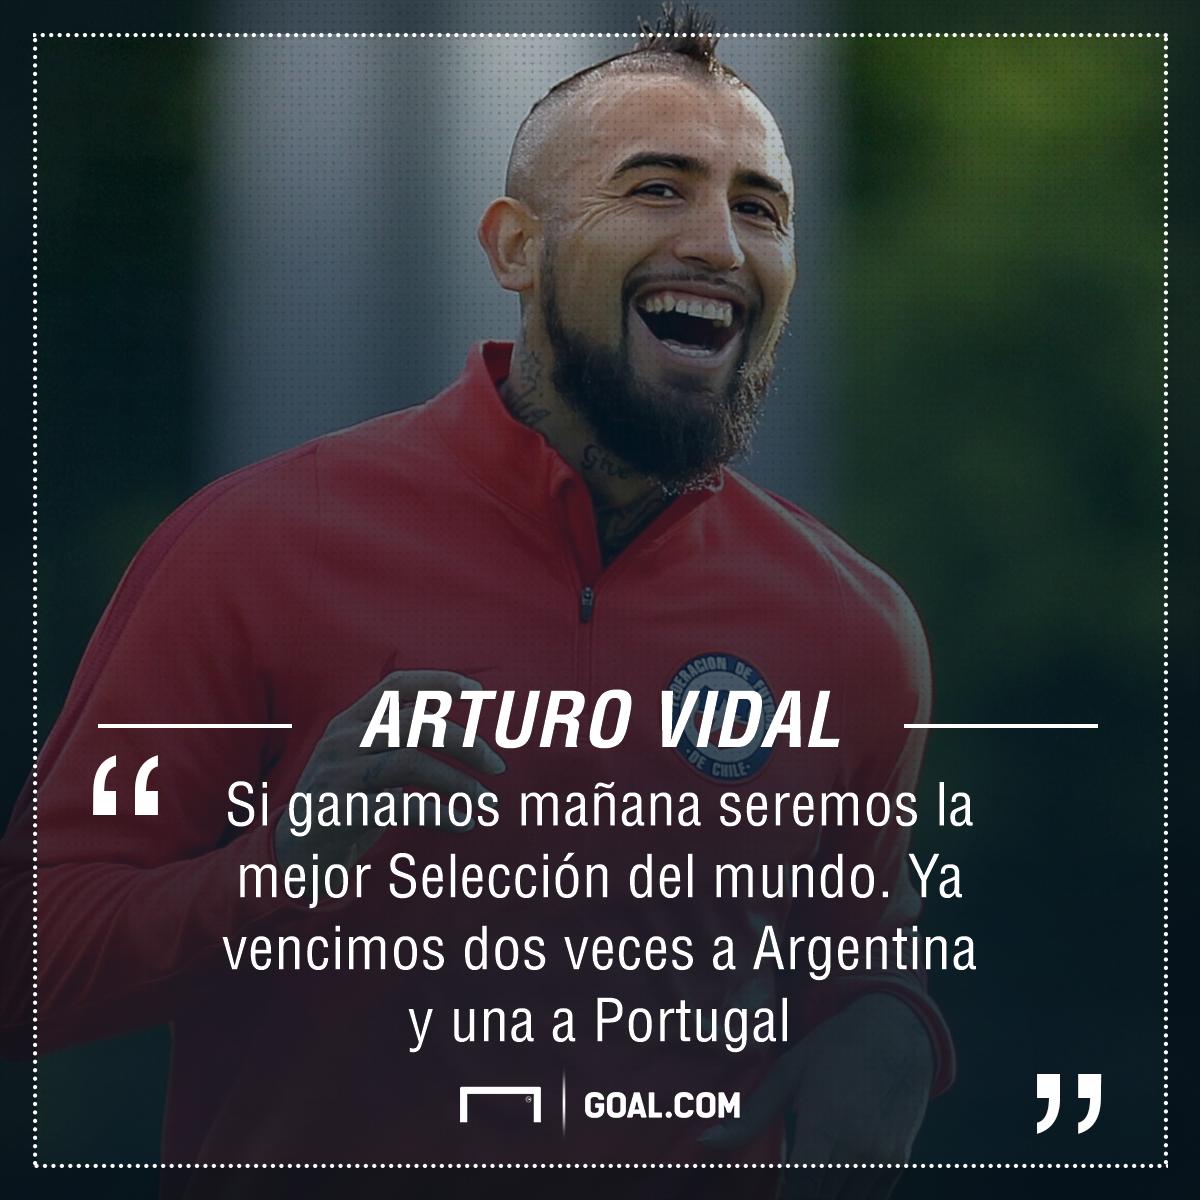 Afiche Arturo Vidal